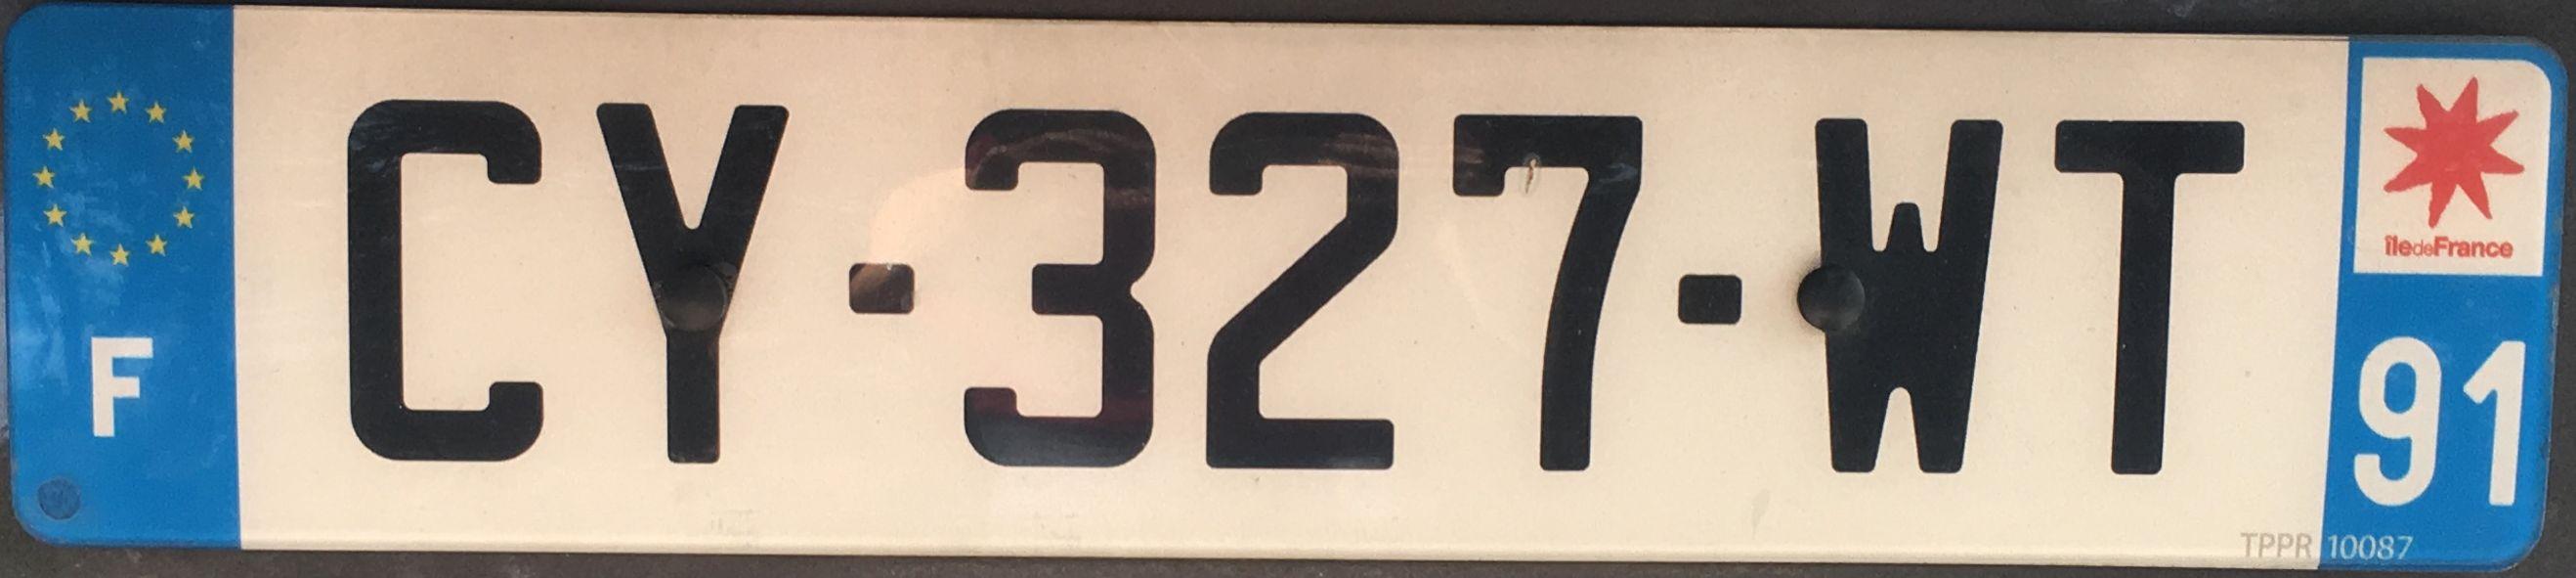 Francouzská registrační značka – 91 – Essonne, foto: www.podalnici.cz